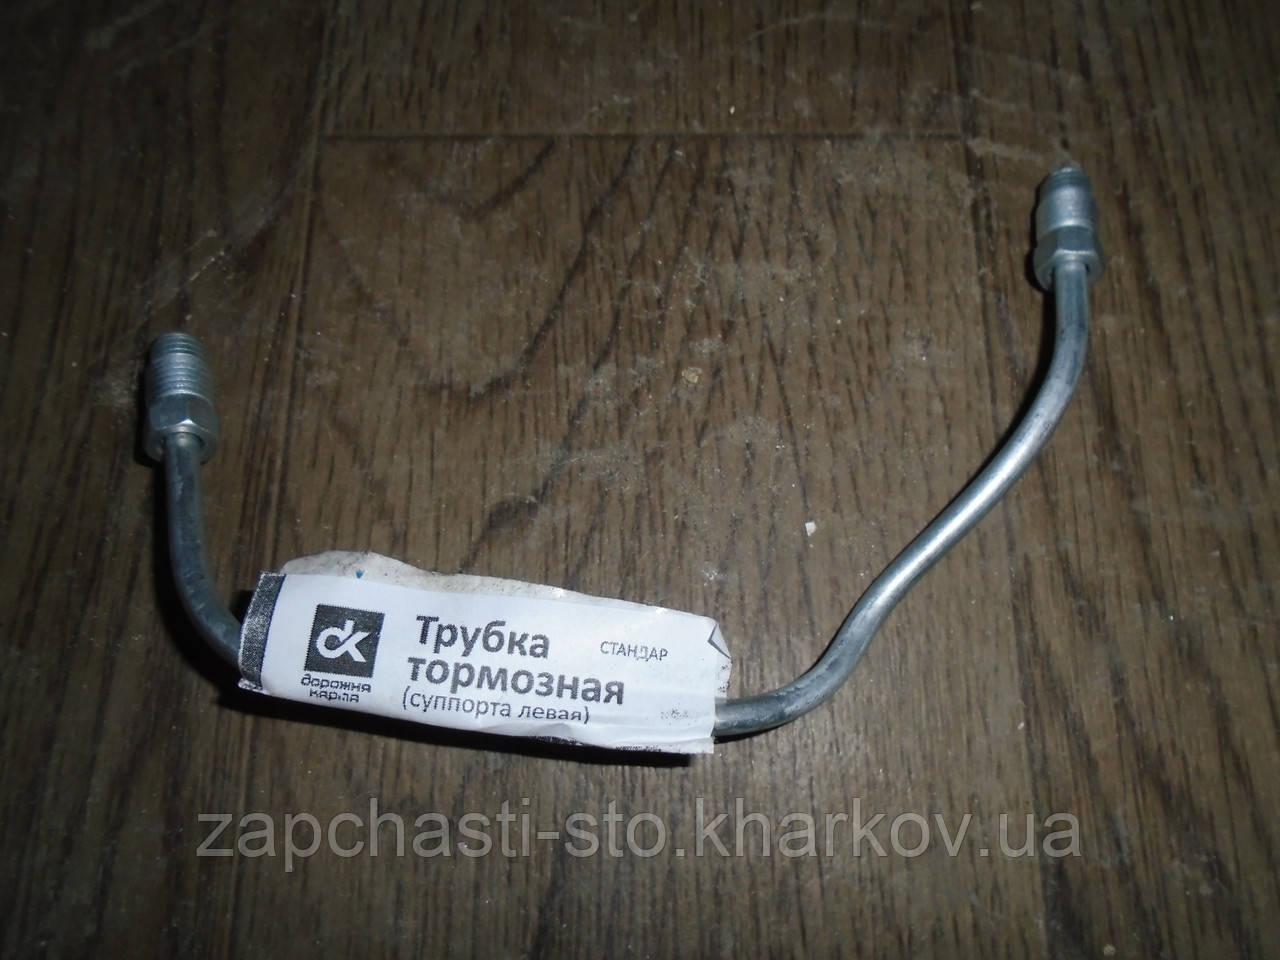 Тормозная трубка ВАЗ 2101-2107 переднего суппорта левая